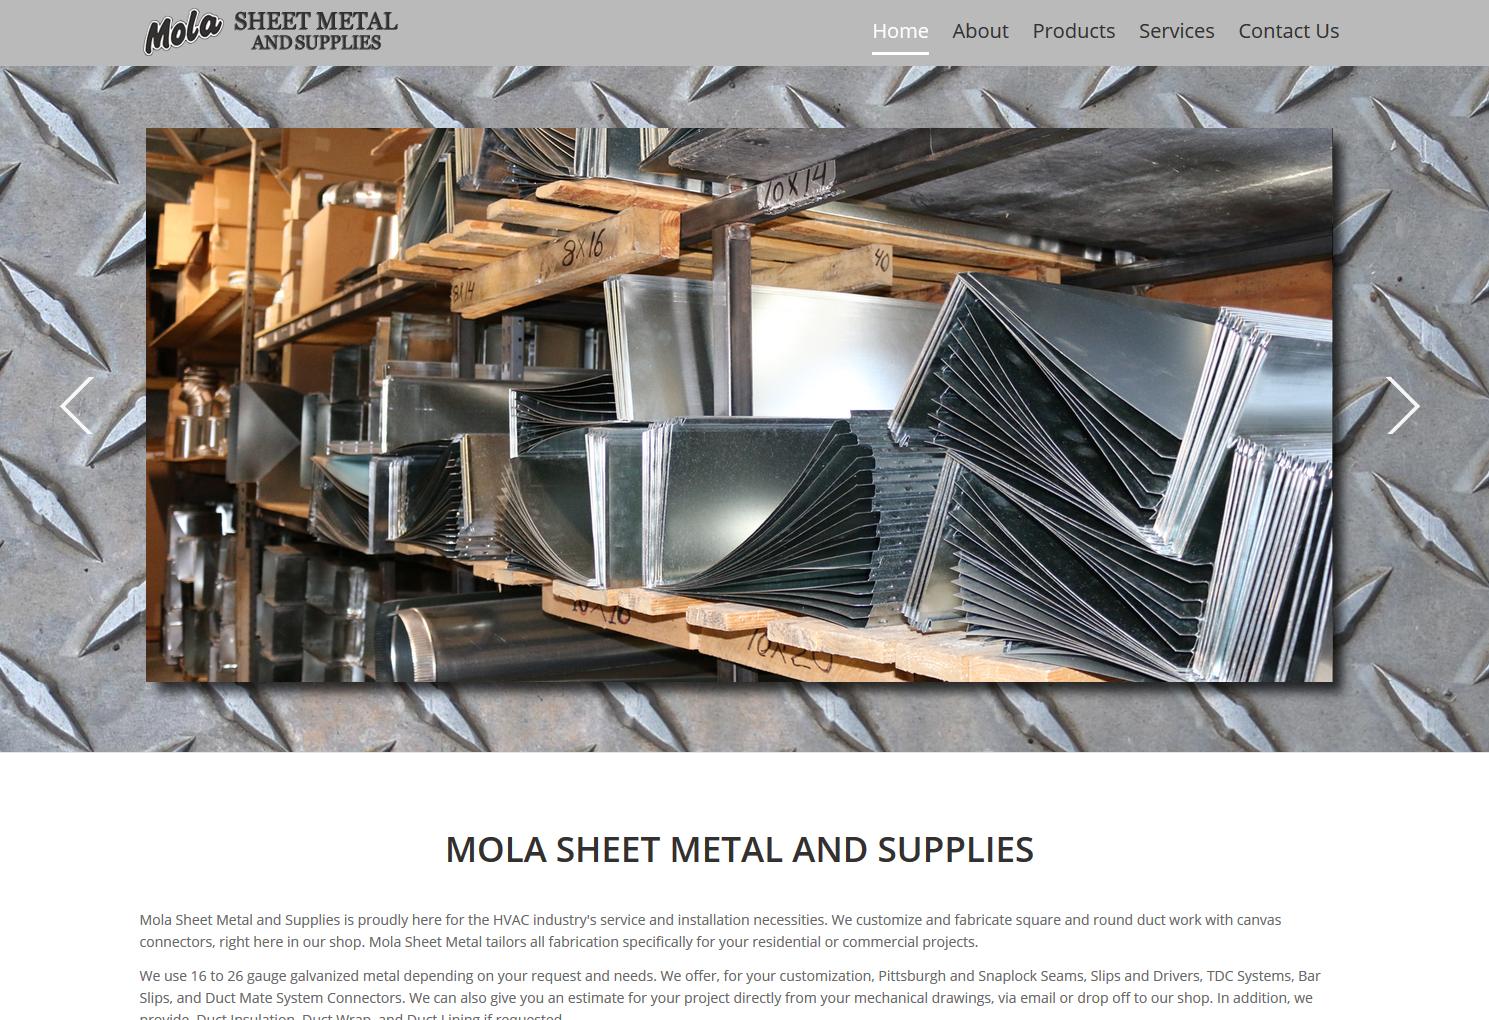 Mola Sheet Metal